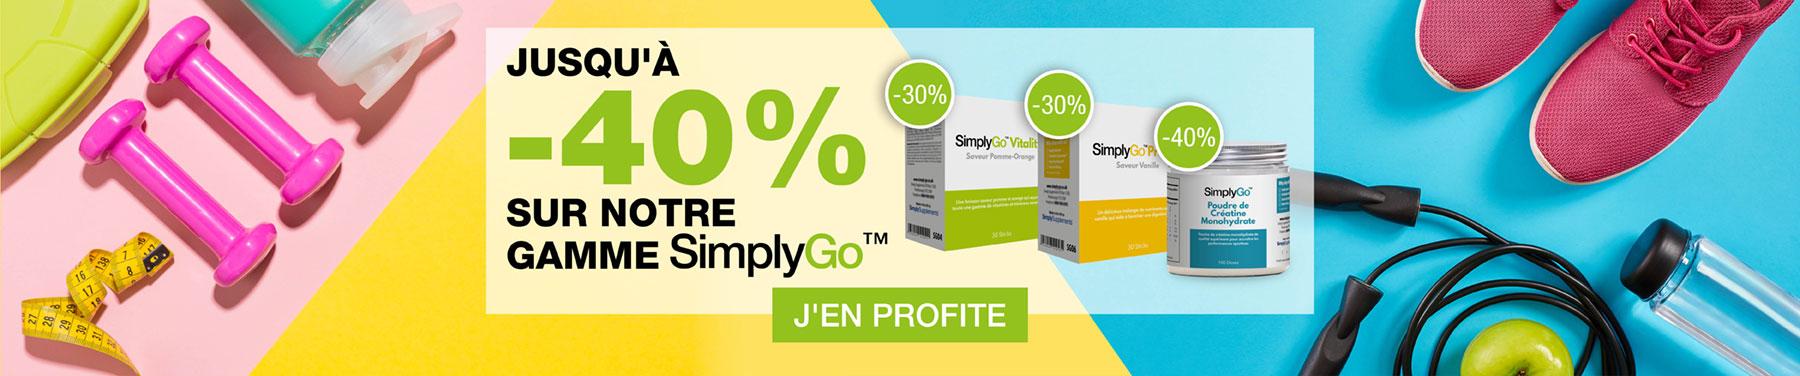 Jusqu'à -40% sur notre gamme SimplyGo